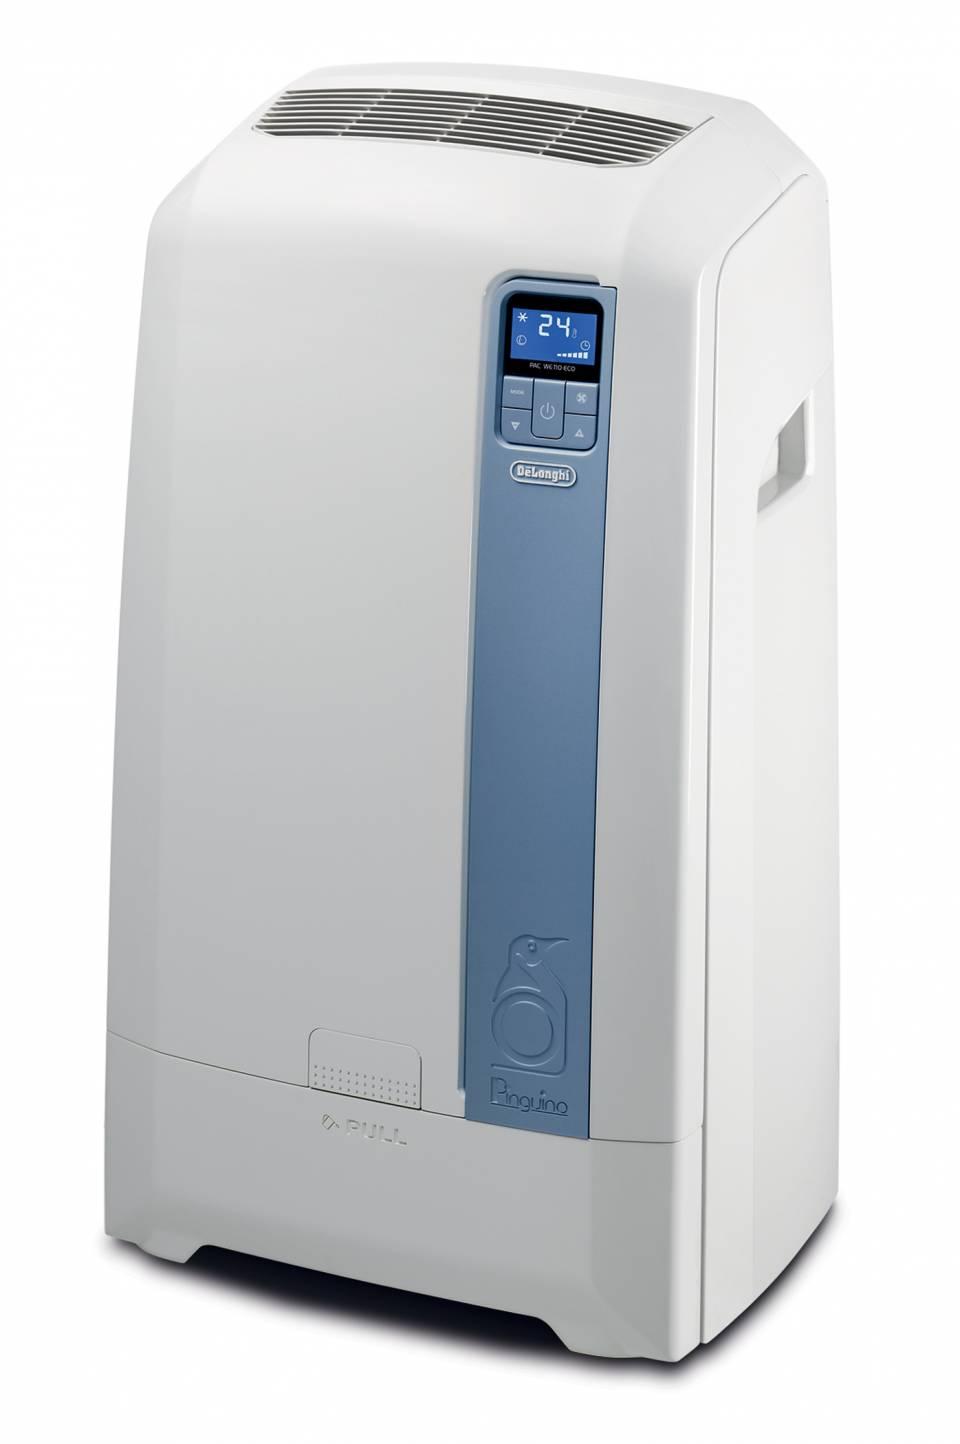 De'Longhi Klimagerät Pinguino PAC WE 112 Eco mit Turbo-Funktion.